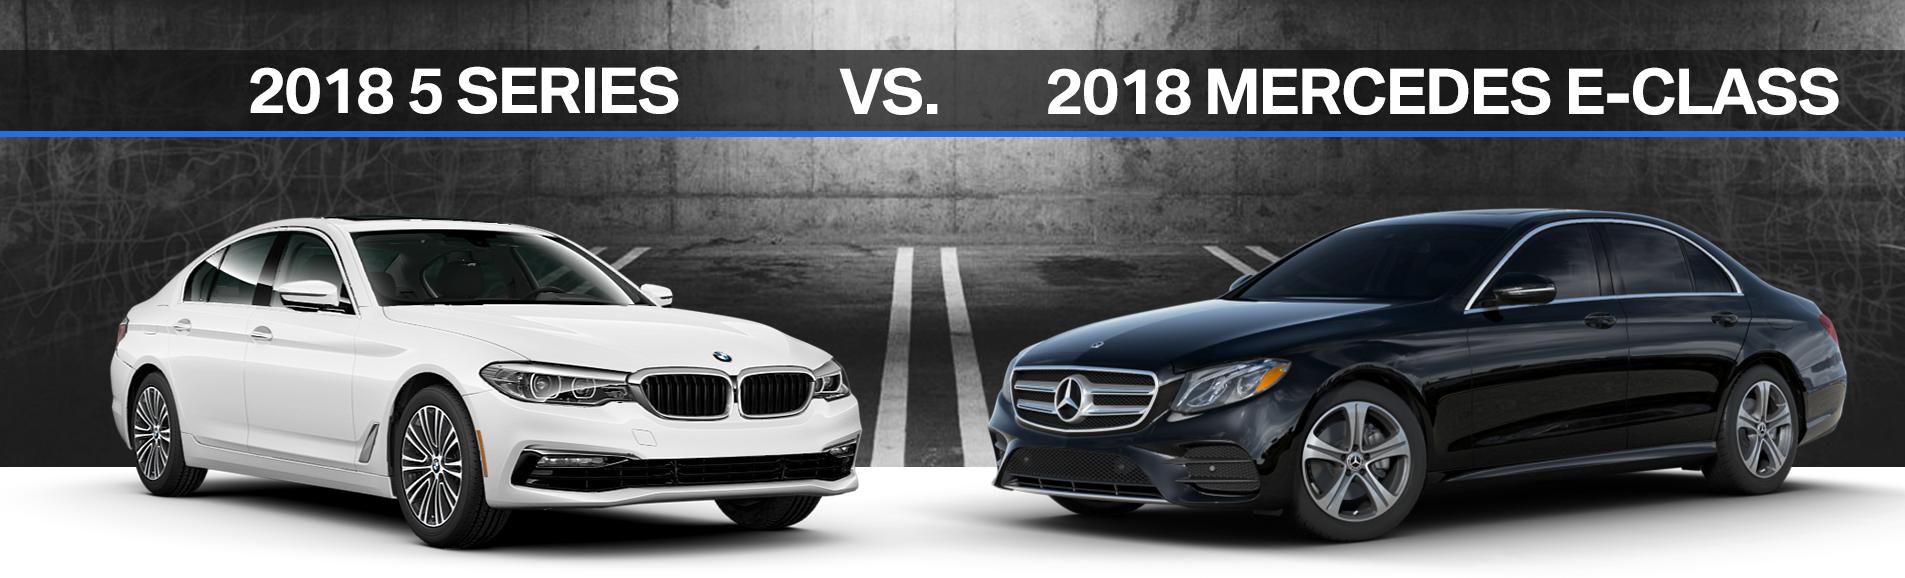 2018 Bmw 5 Series Vs Mercedes E Class Elmhurst Benz Fuel Filter On M2 A Comparison